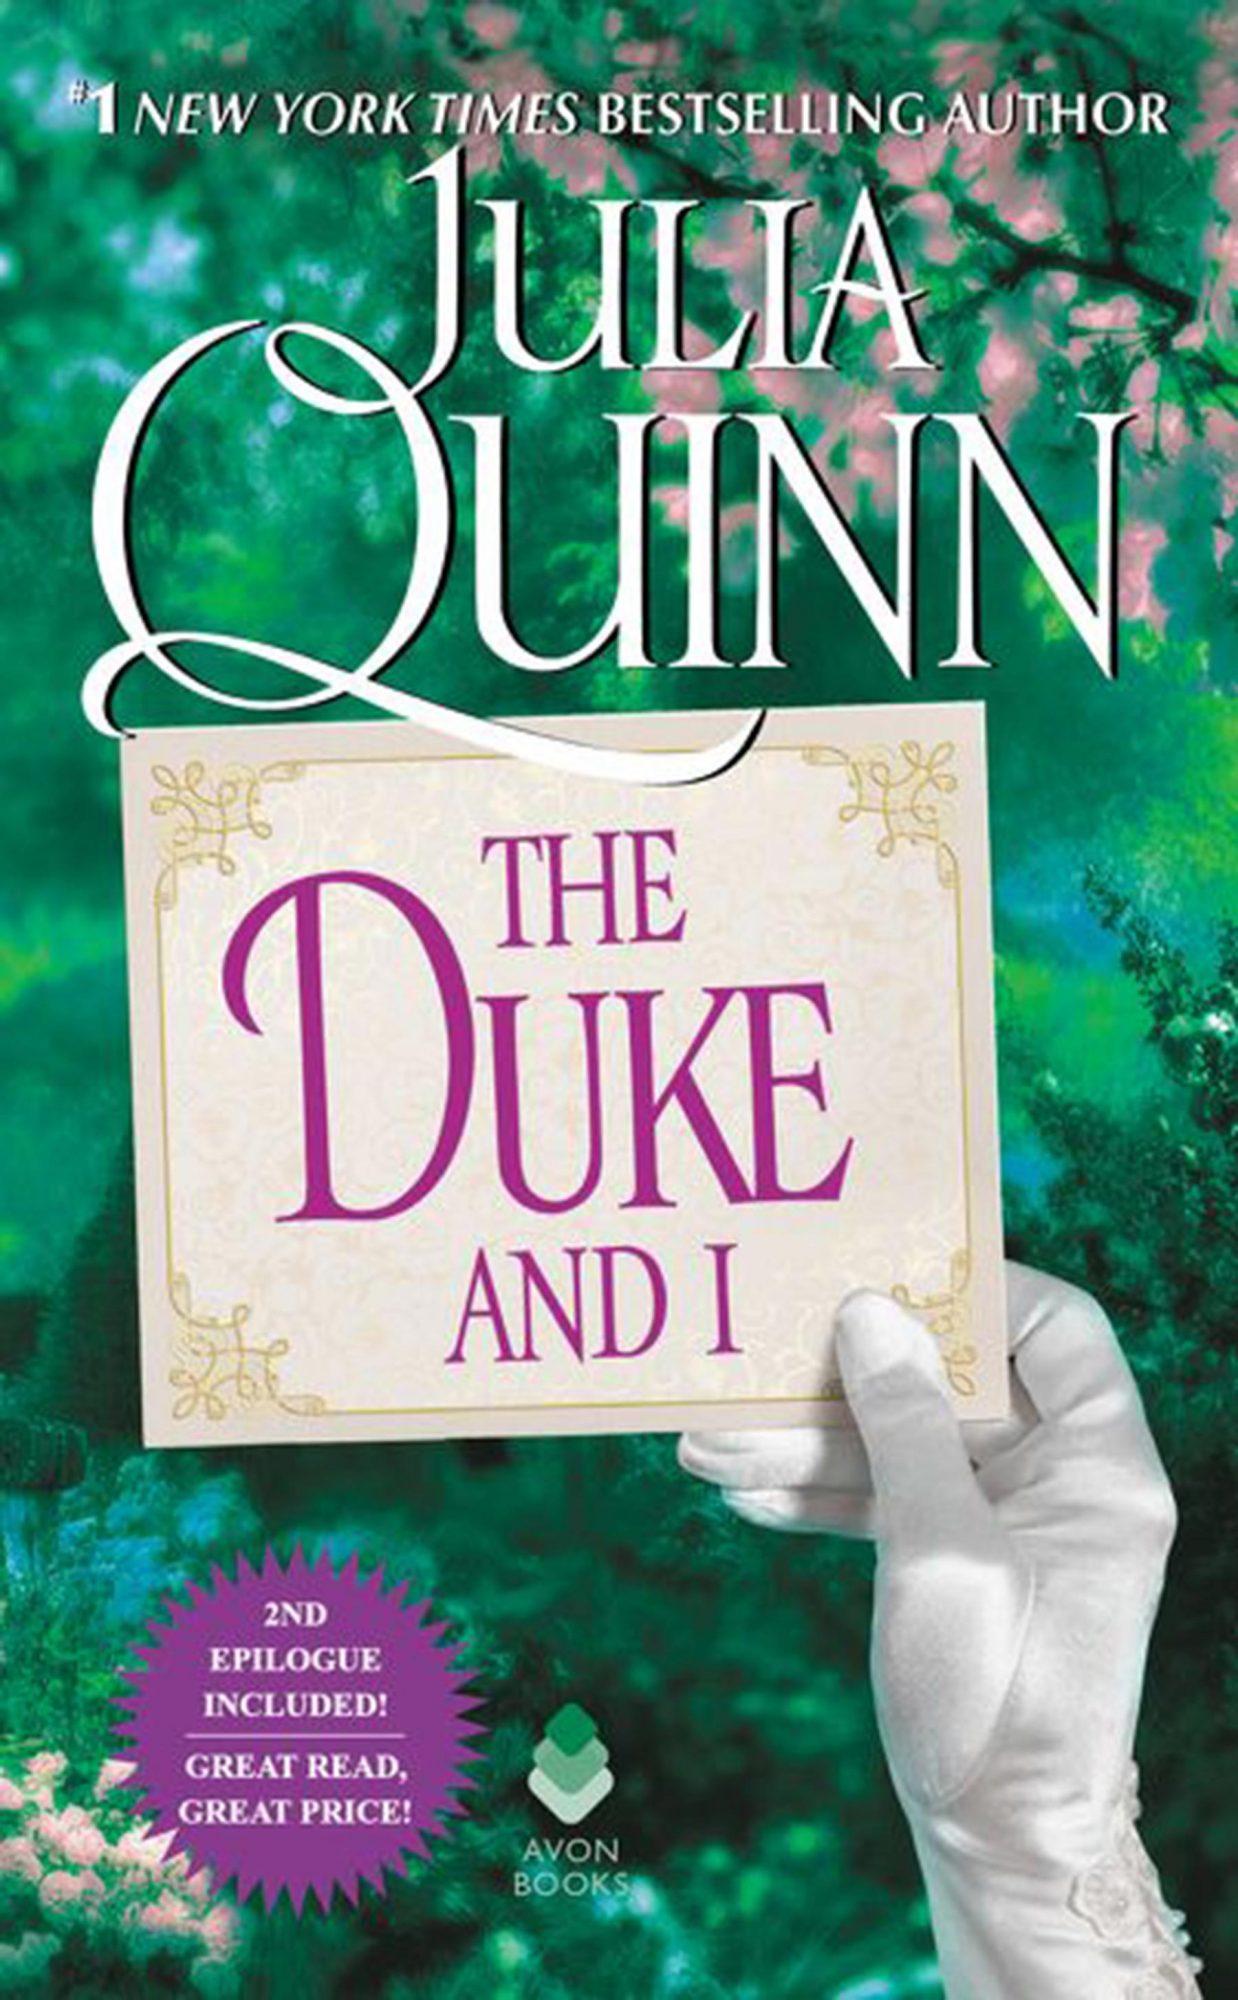 The Duke and I by Julia Quinn CR: Avon Books